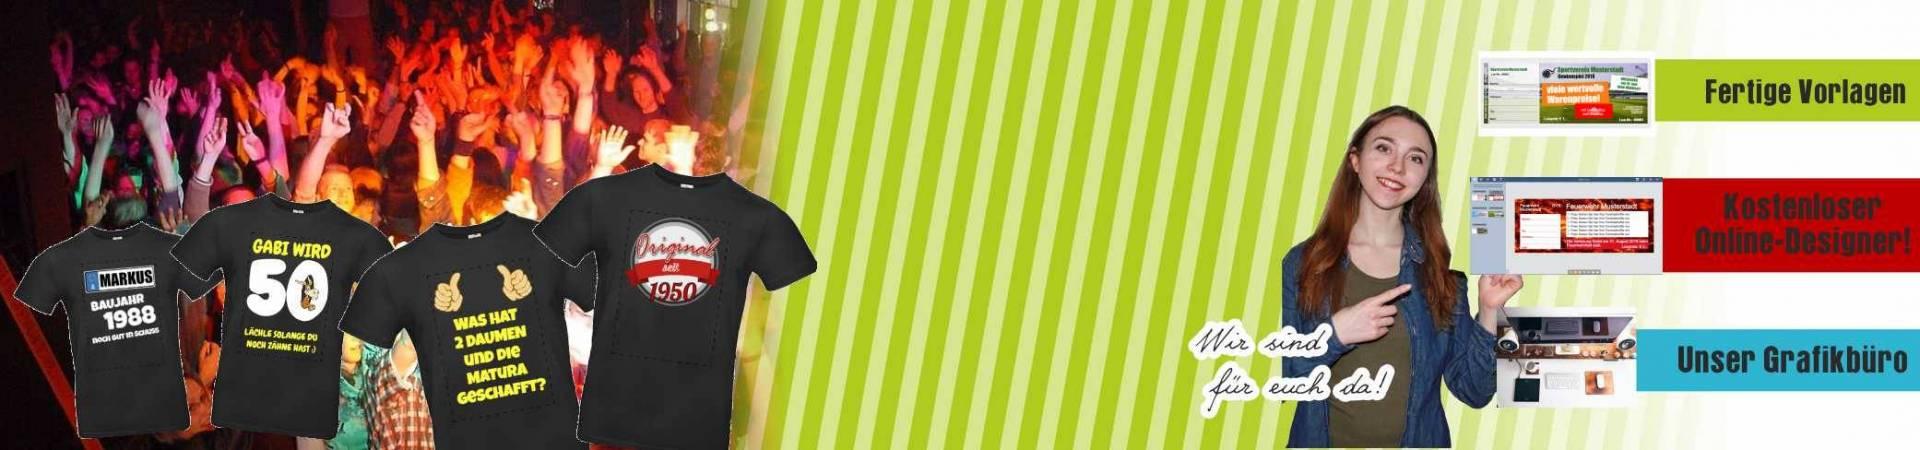 Individuelle Geburtstagsshirts online bestellen ... GRATIS VERSAND